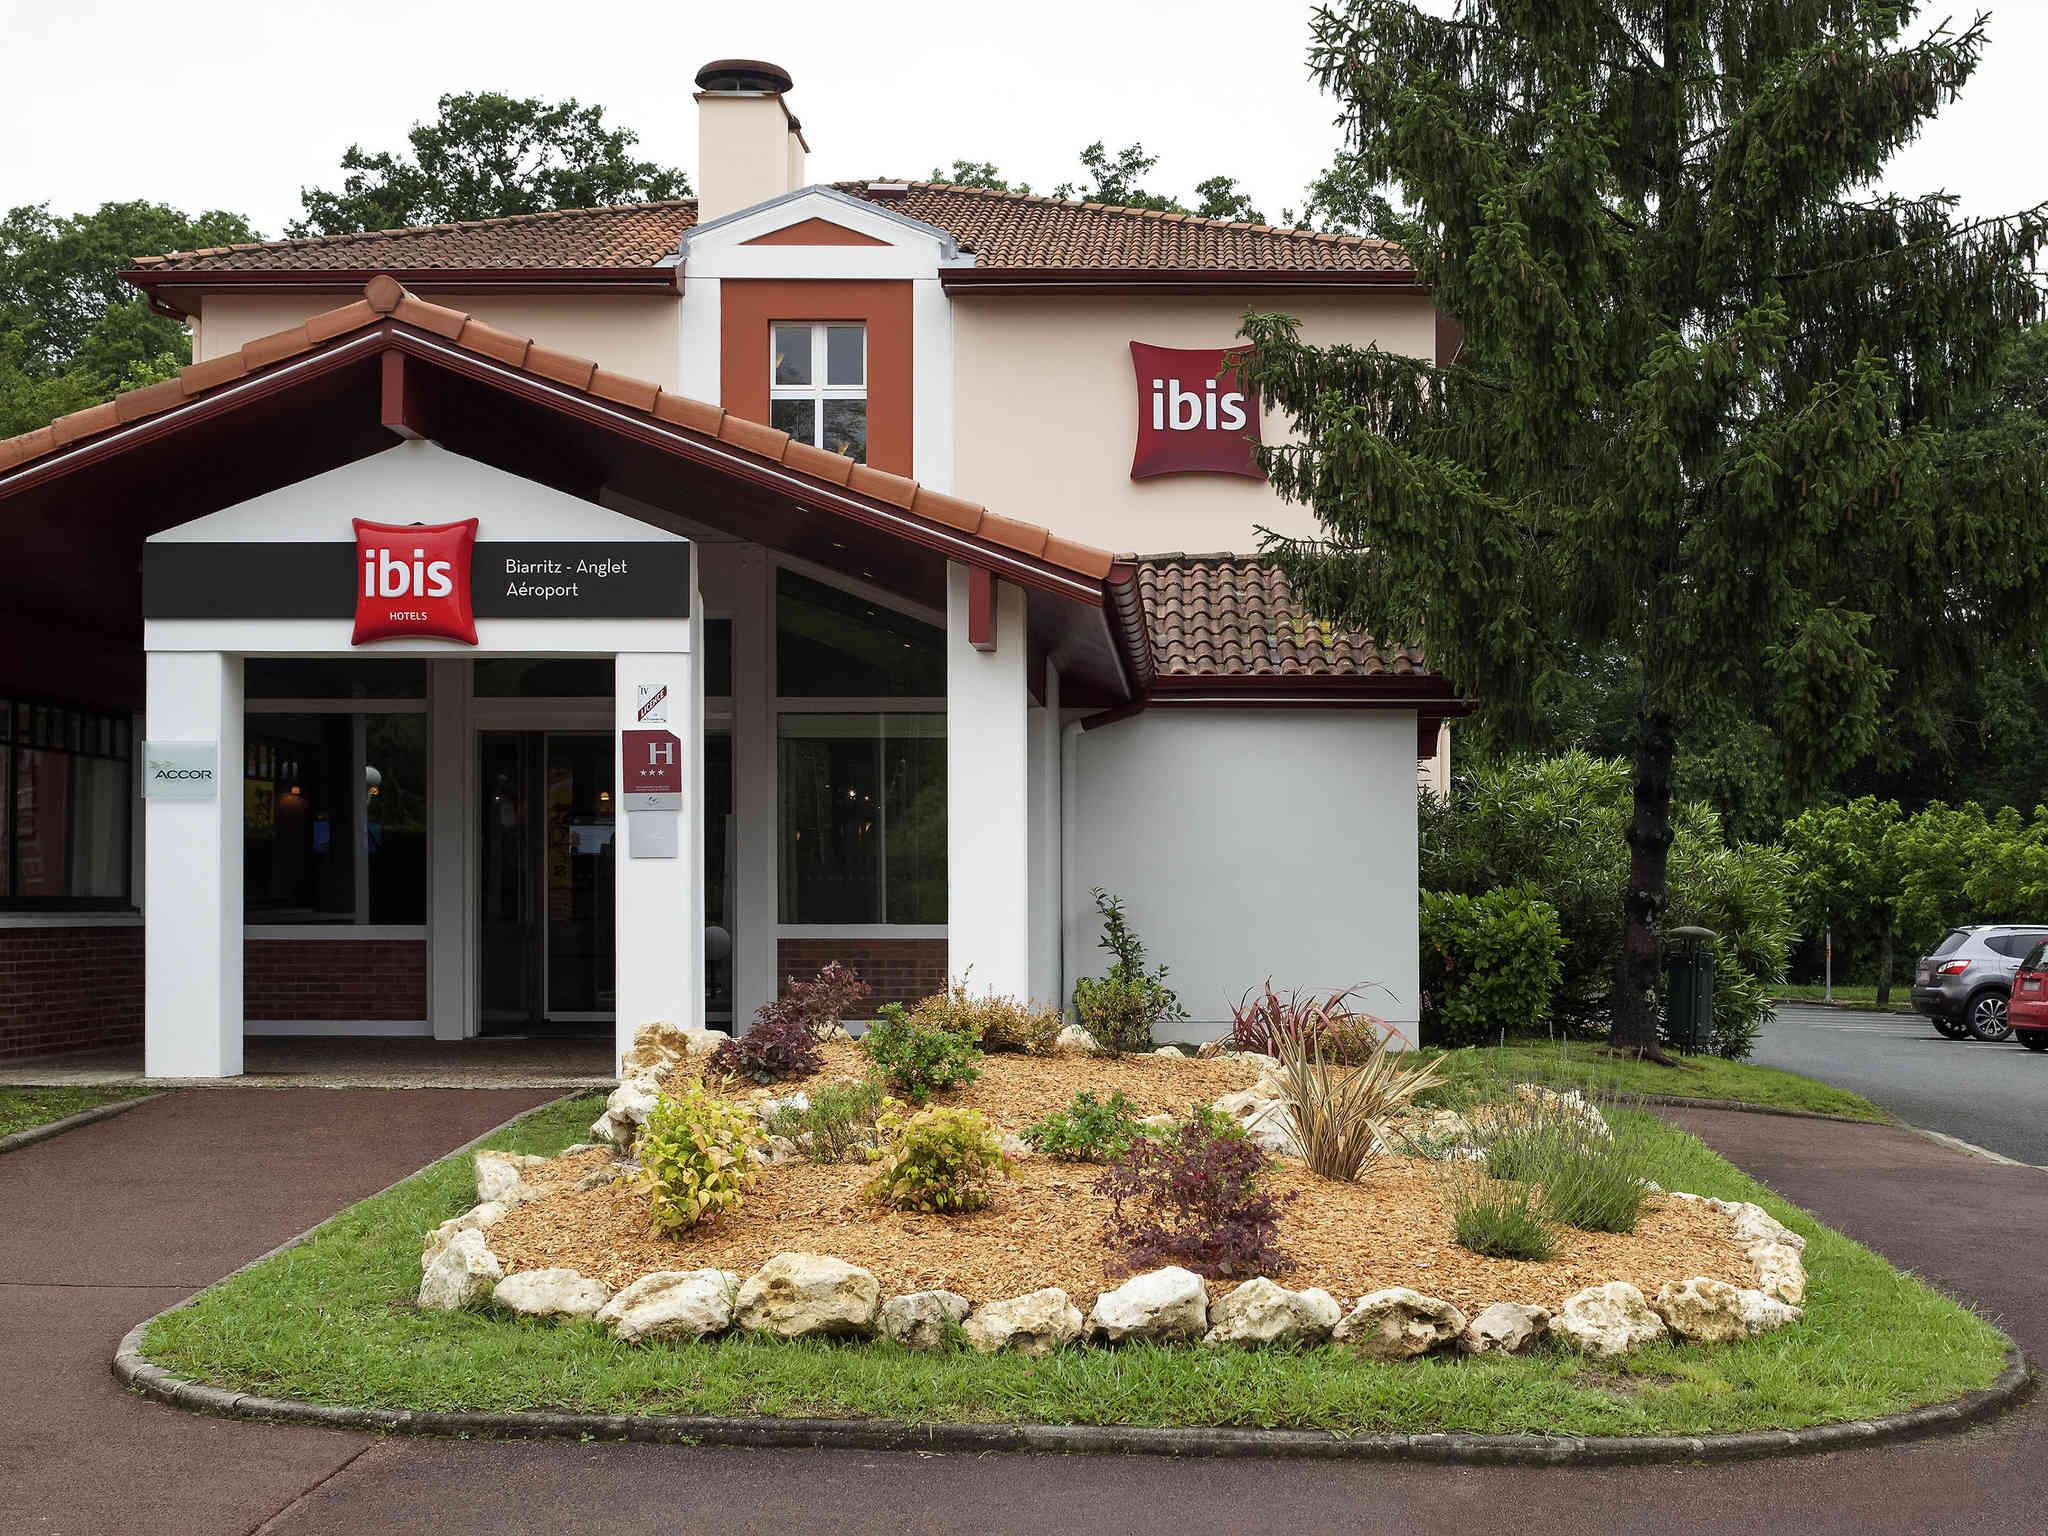 Hotel – ibis Biarritz Anglet Aéroport